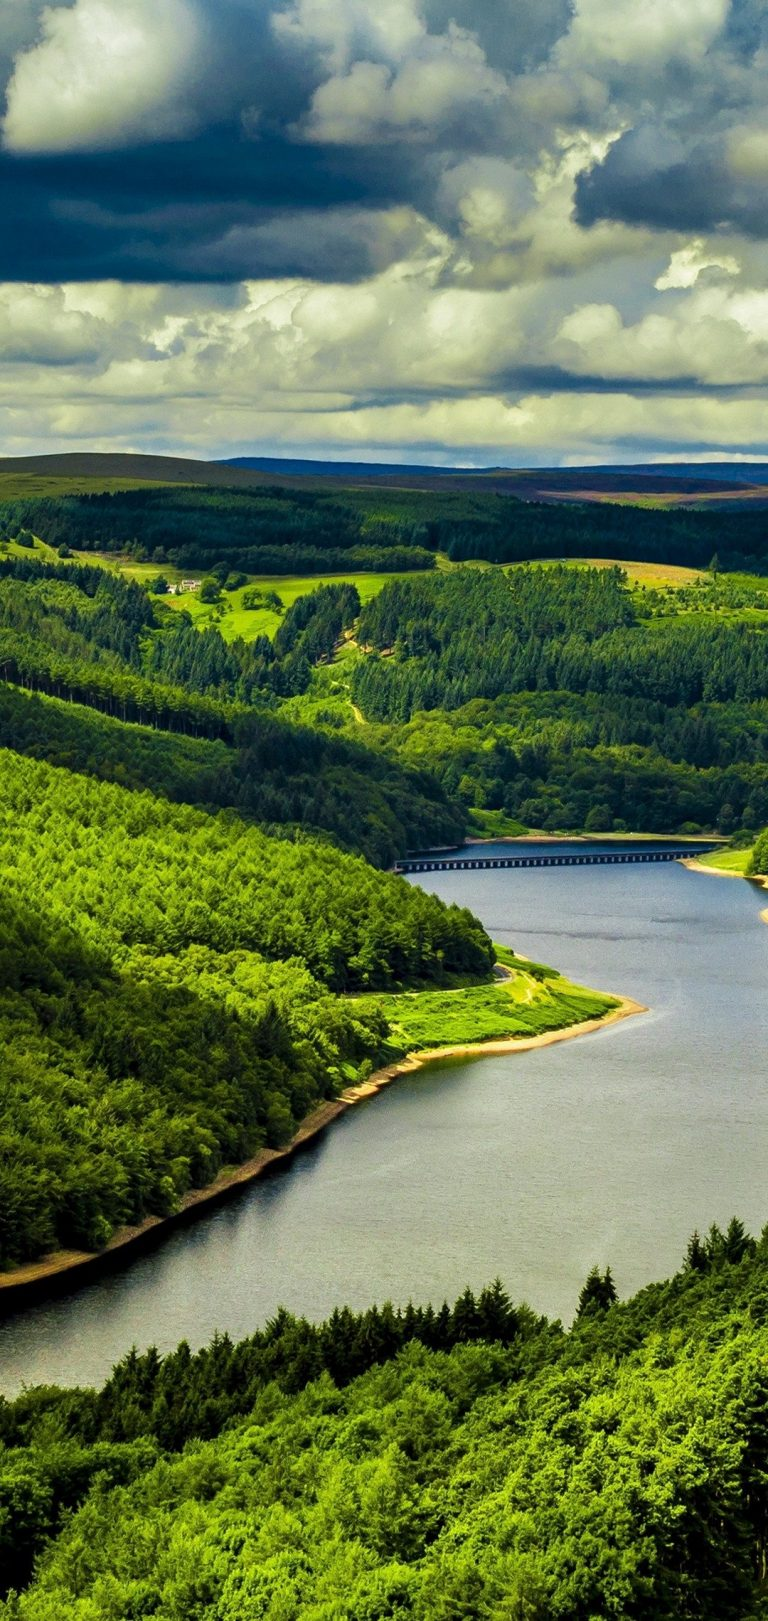 Beautiful River Mountains Wallpaper 1080x2280 768x1621